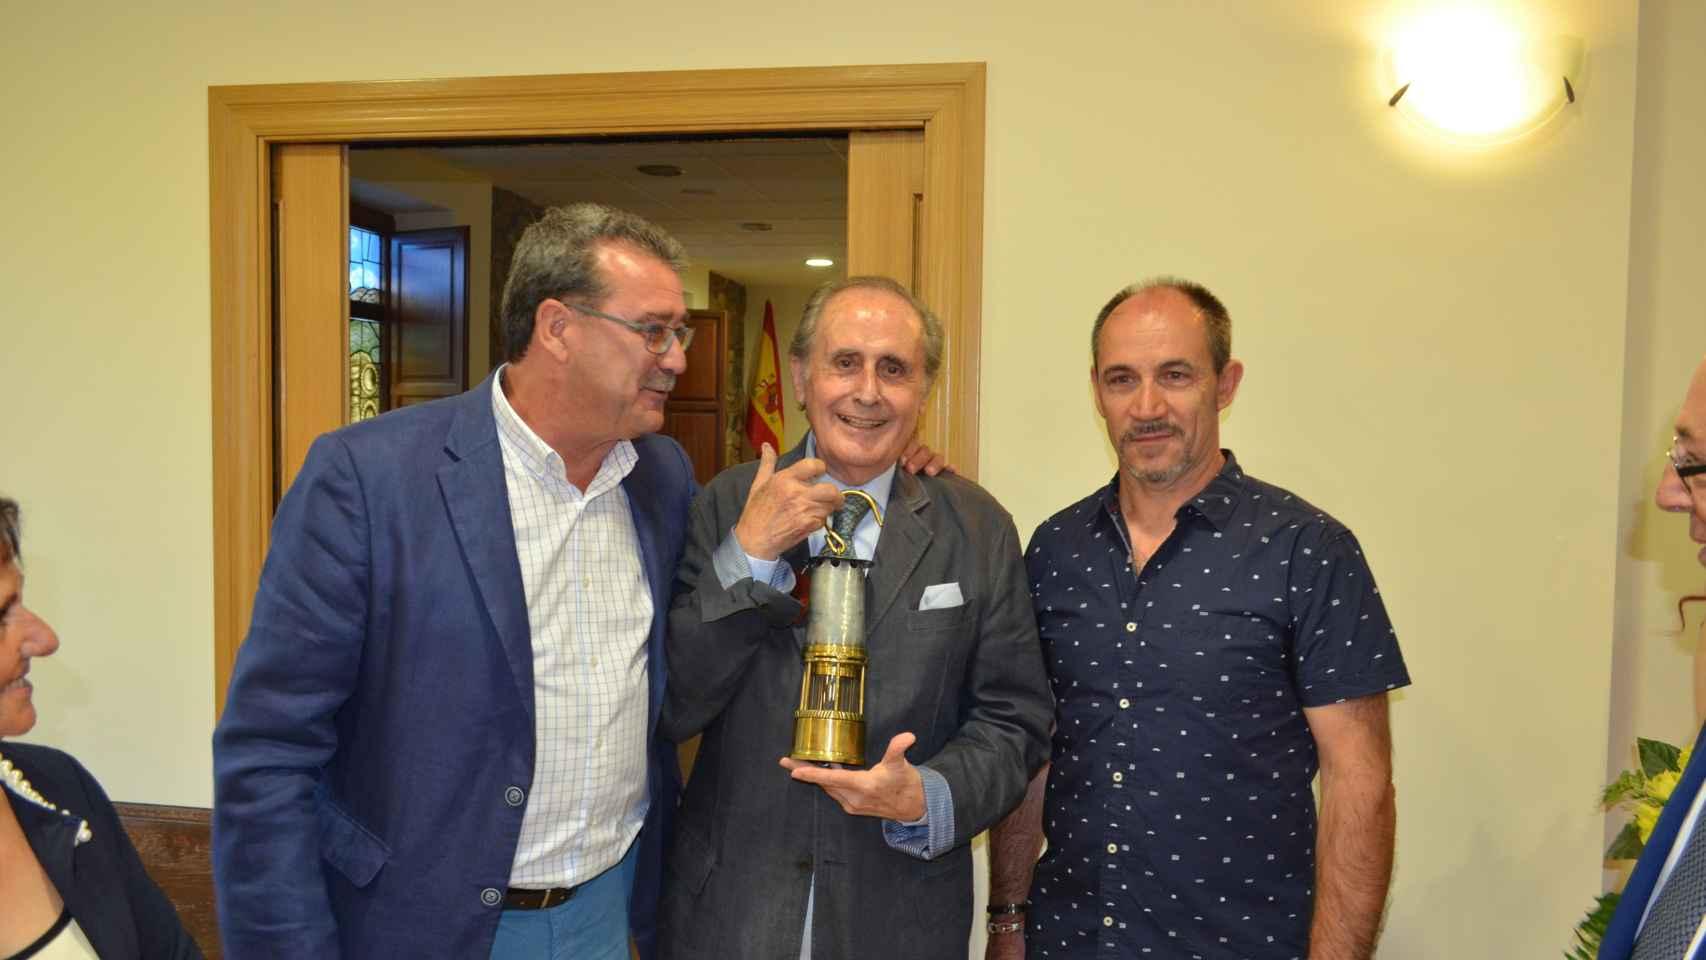 Jaime Peñafiel da el pregón en el pueblo leonés de Sabero